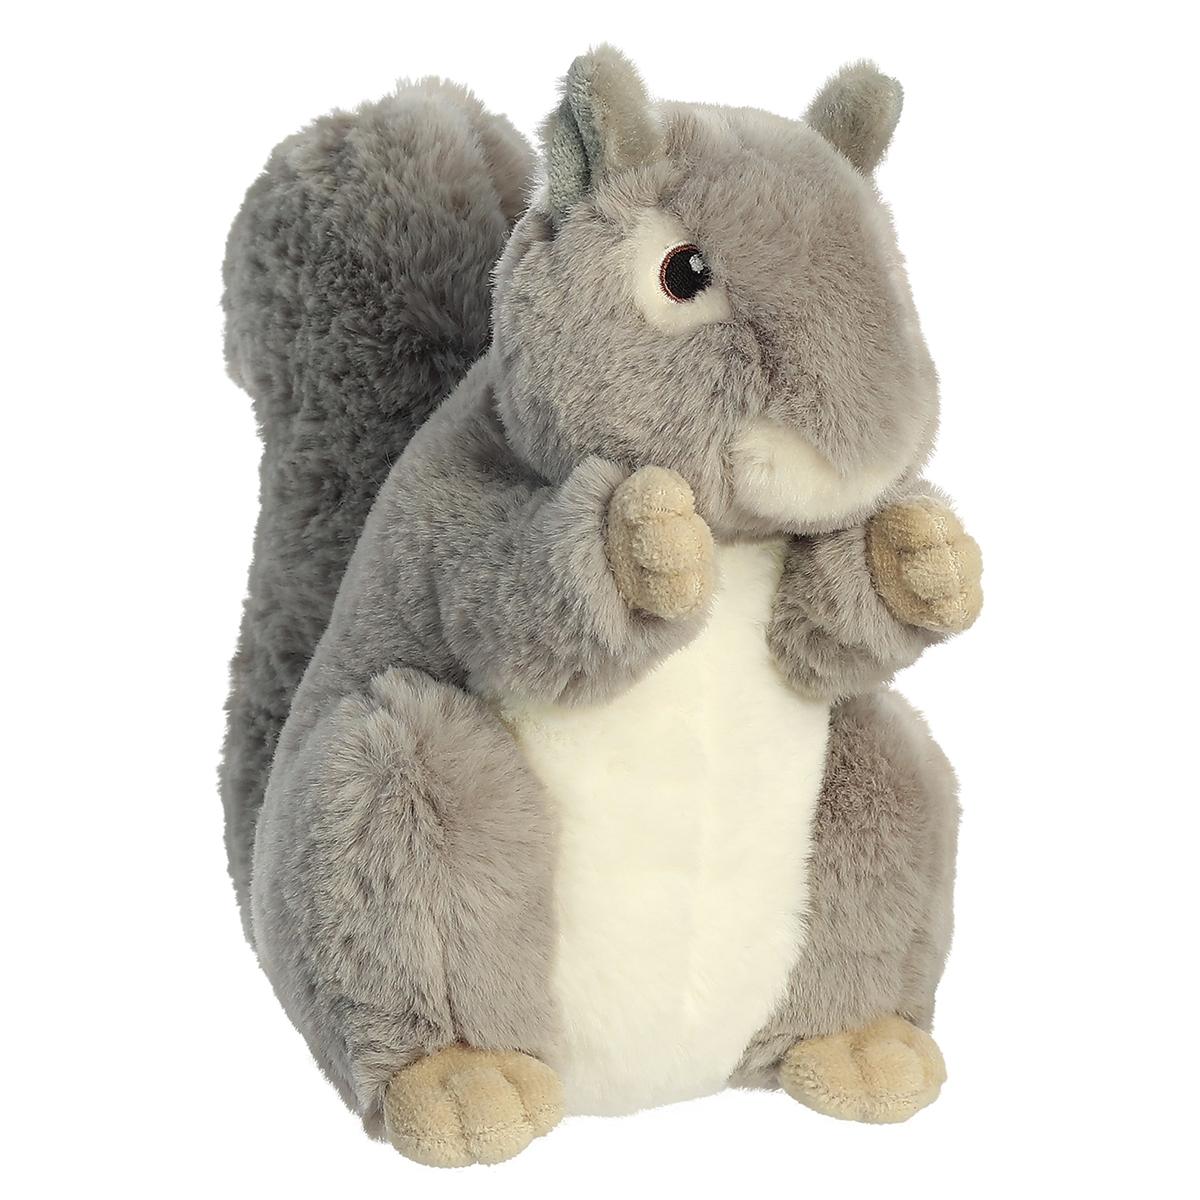 Squirrel Eco Plush